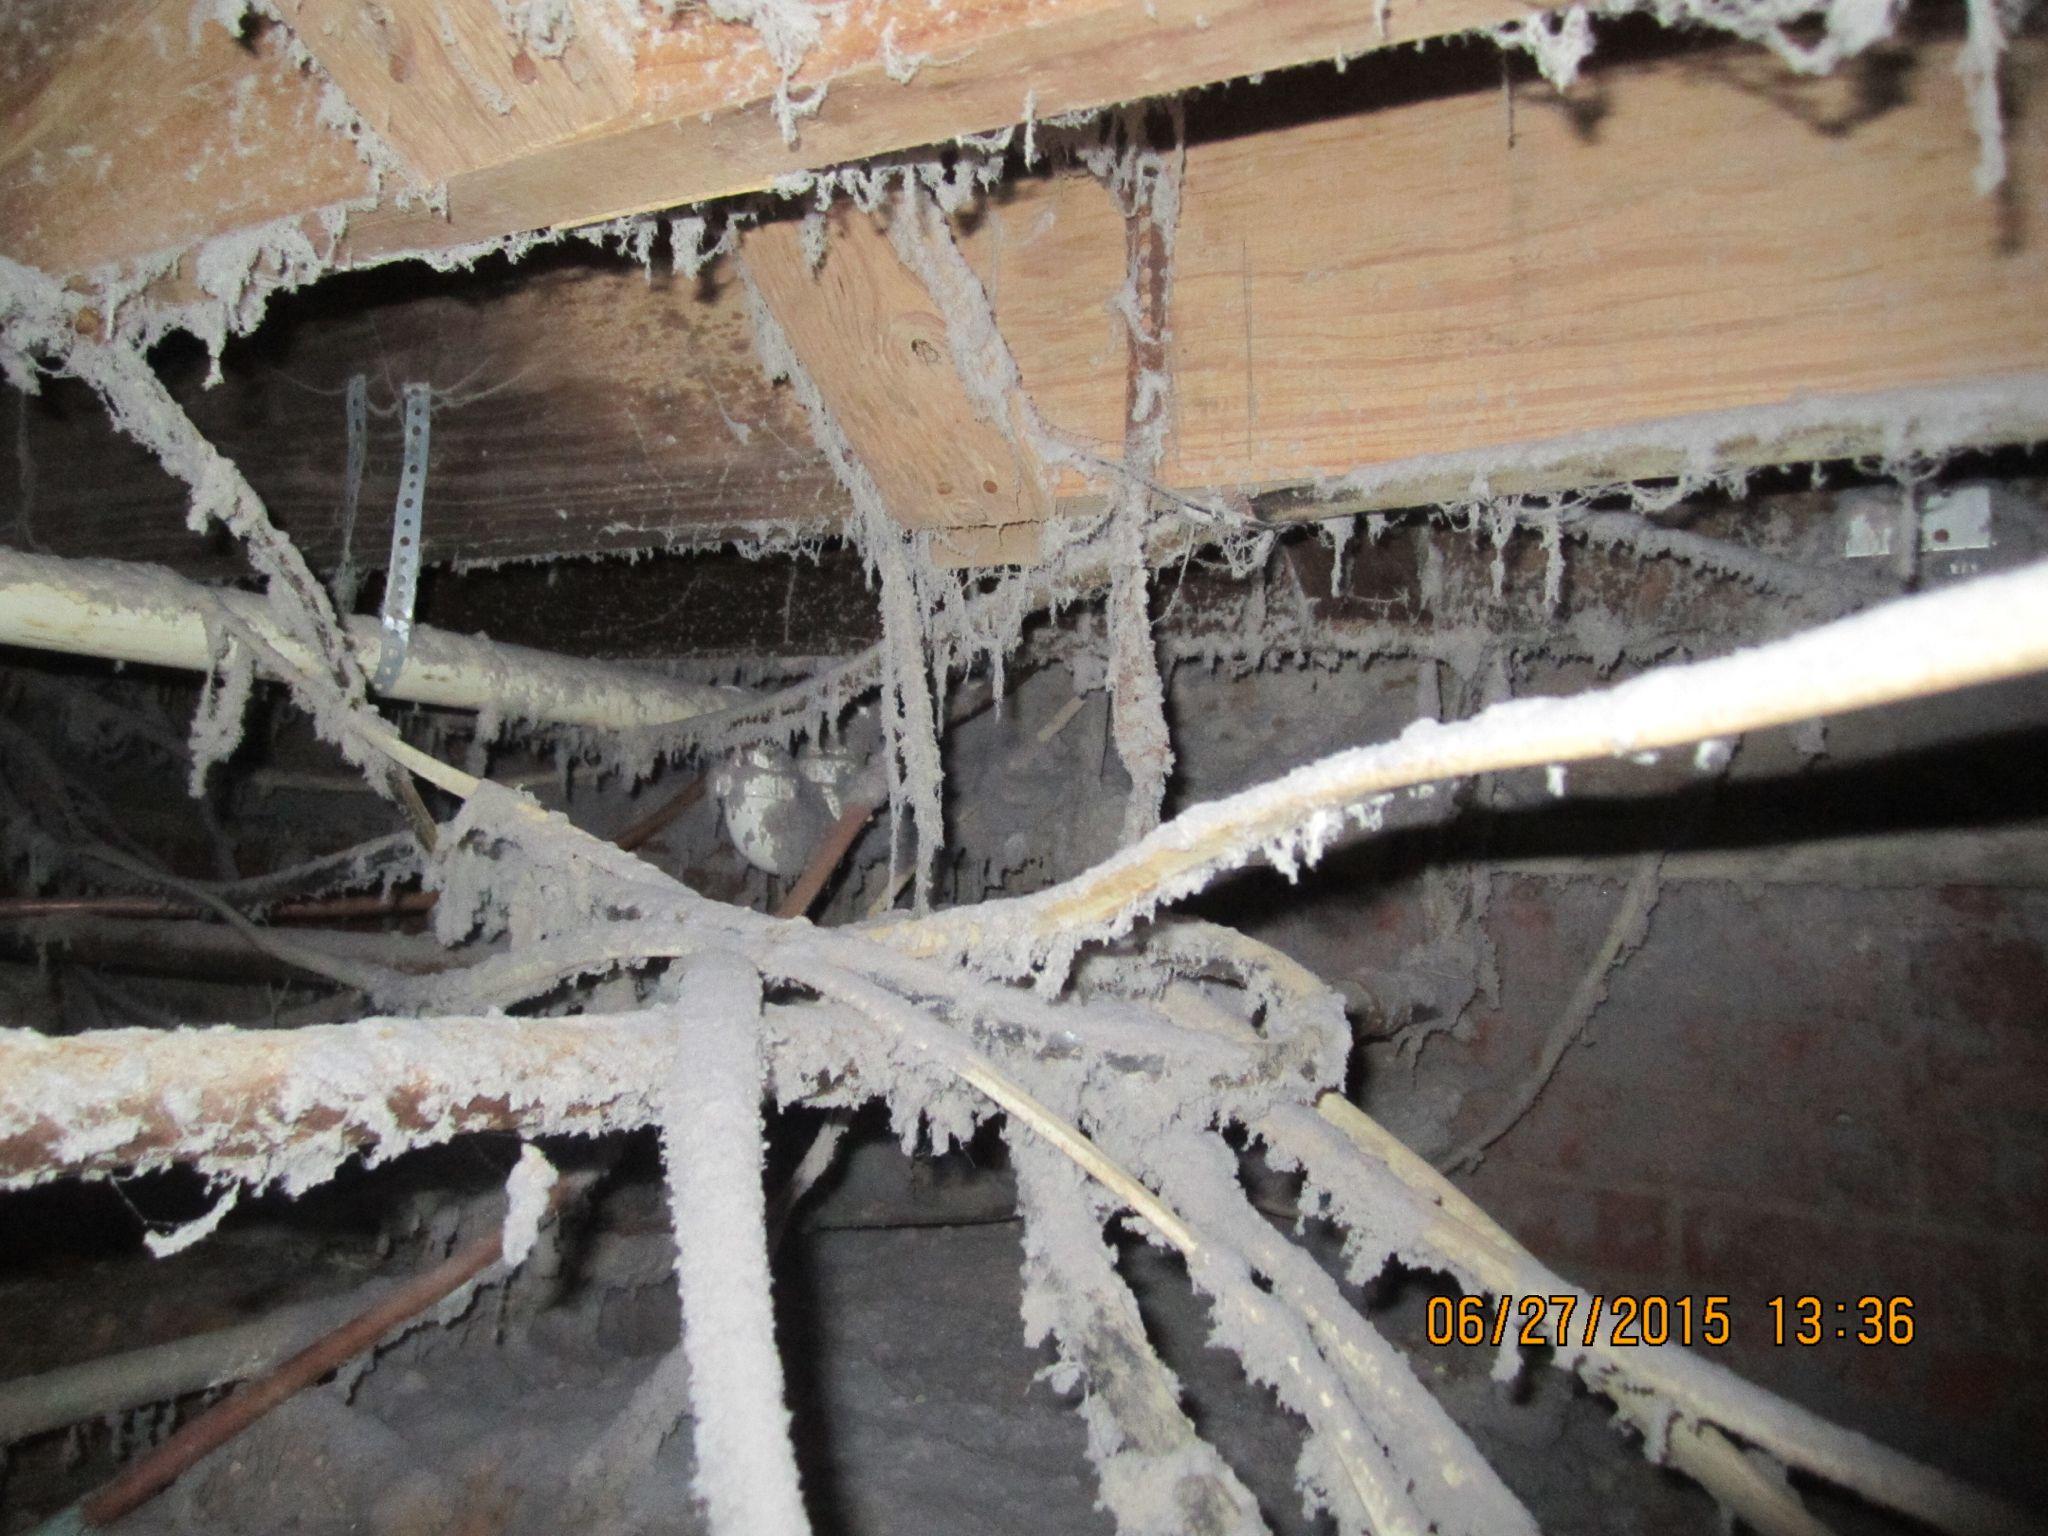 Charmant Bad Wiring In House Ideen - Der Schaltplan - rewardsngifts.info